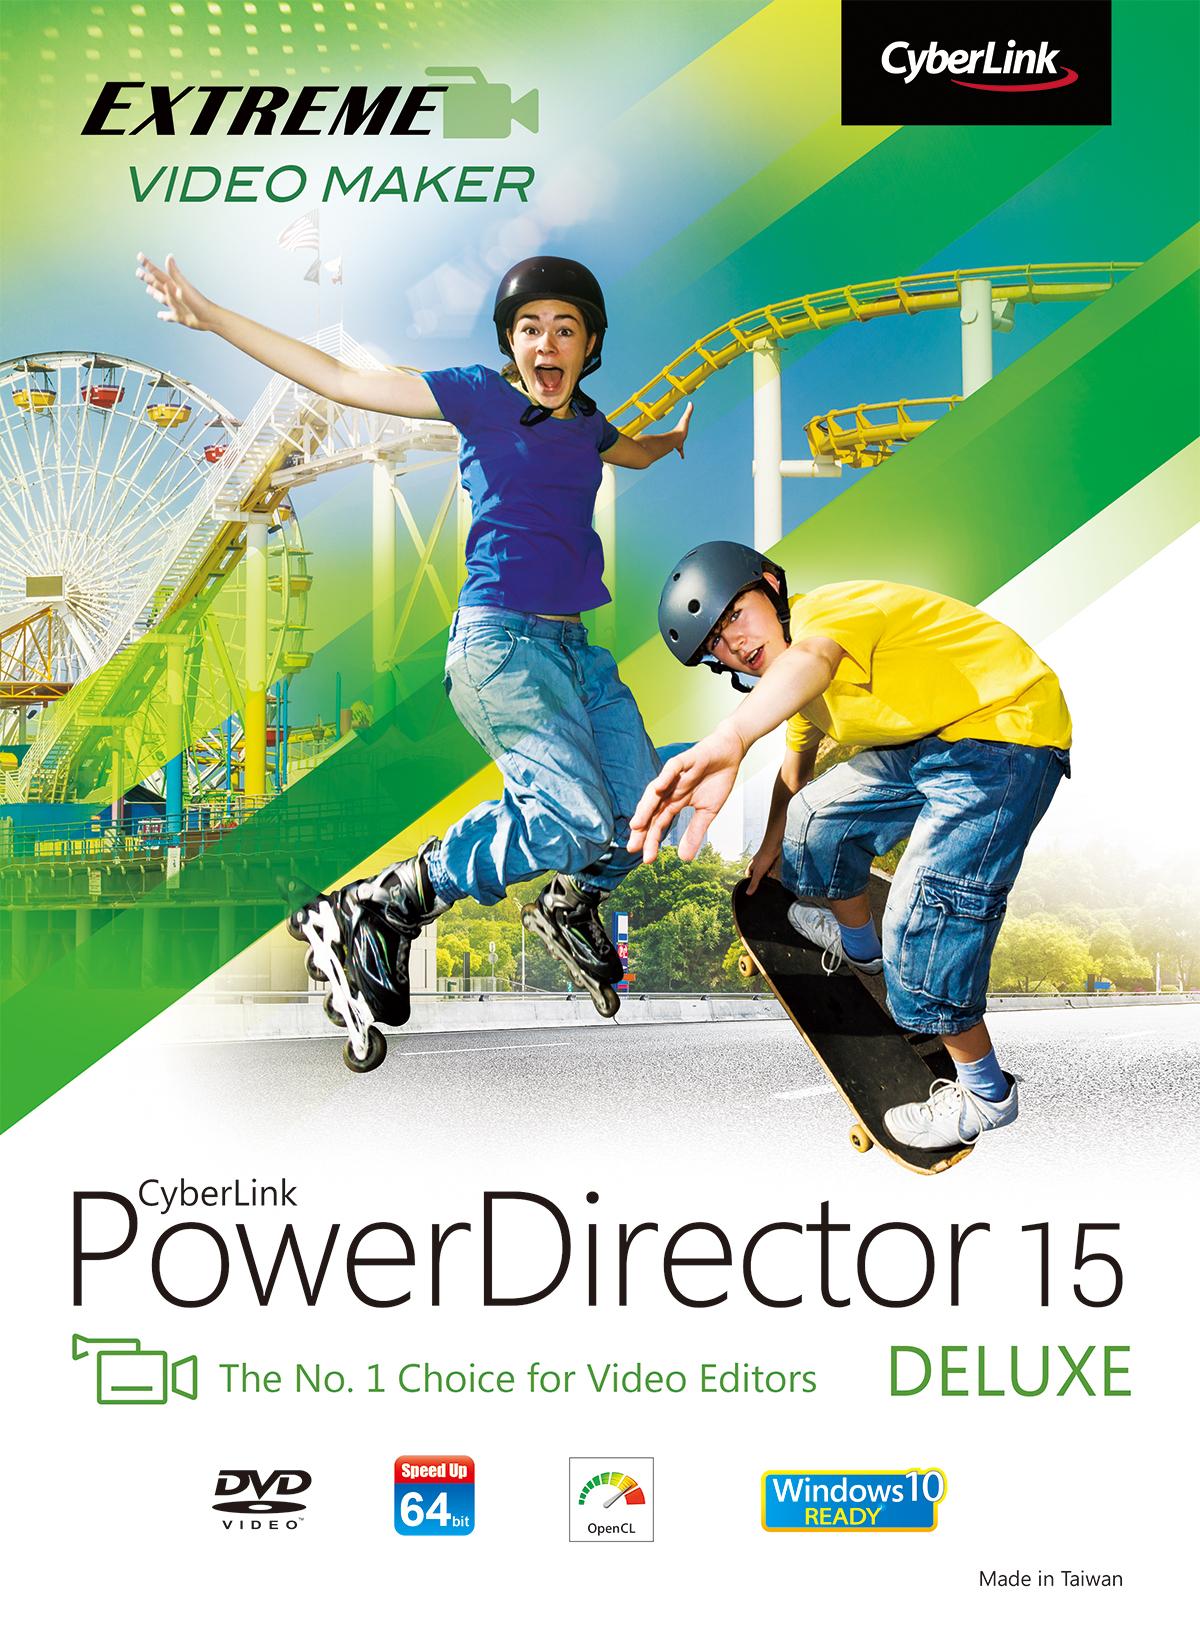 CyberLink PowerDirector 15 Deluxe [Download] (Cyberlink Powerdirector Software compare prices)